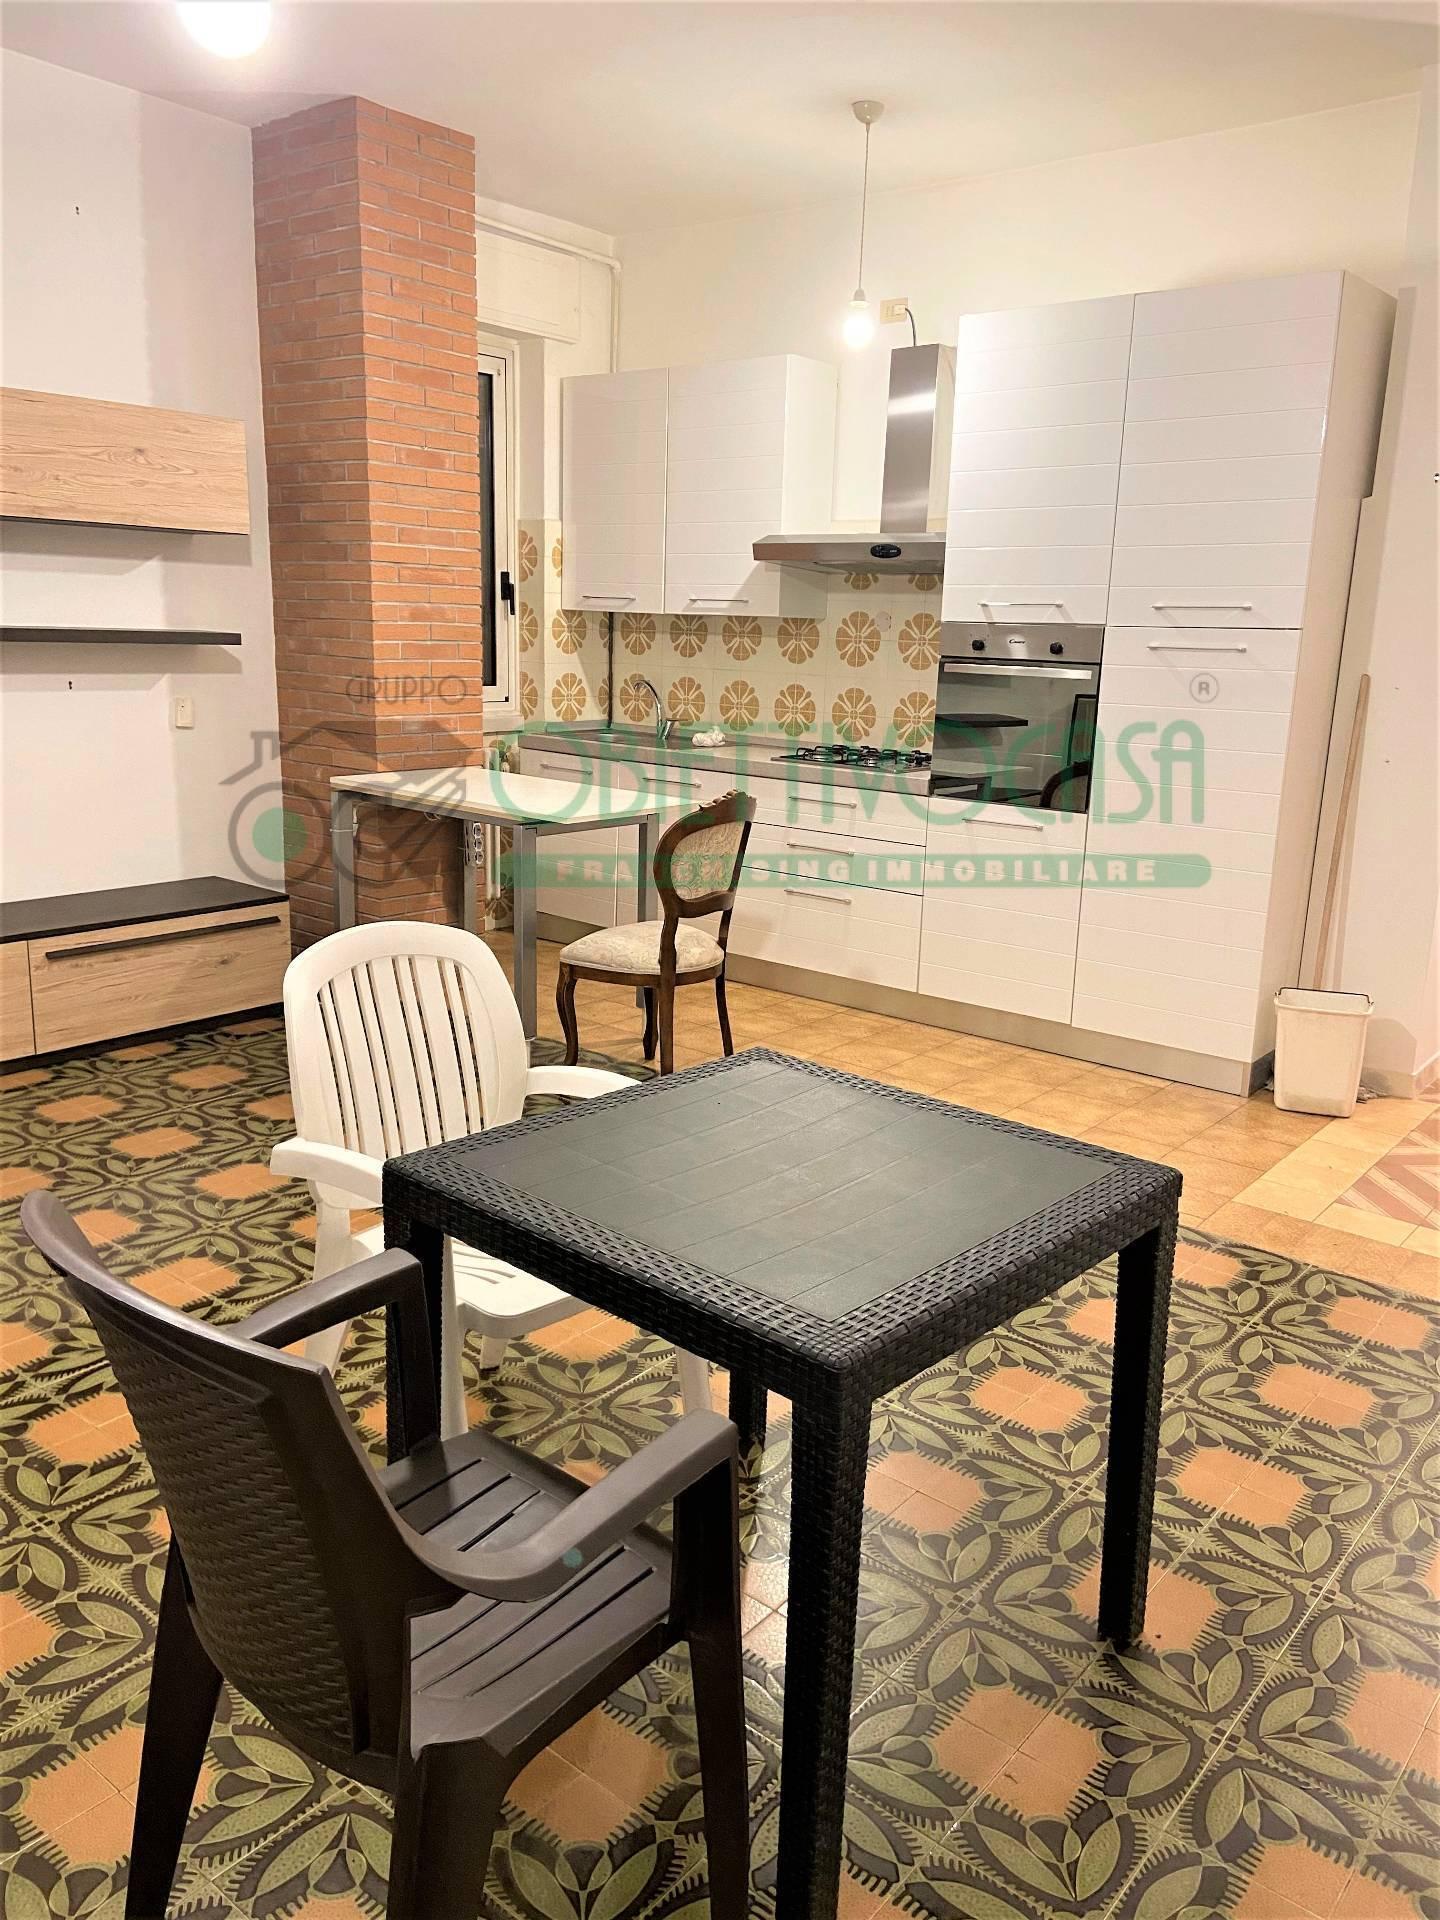 Appartamento in vendita a Corsico, 3 locali, zona Località: Centro, prezzo € 200.000 | PortaleAgenzieImmobiliari.it